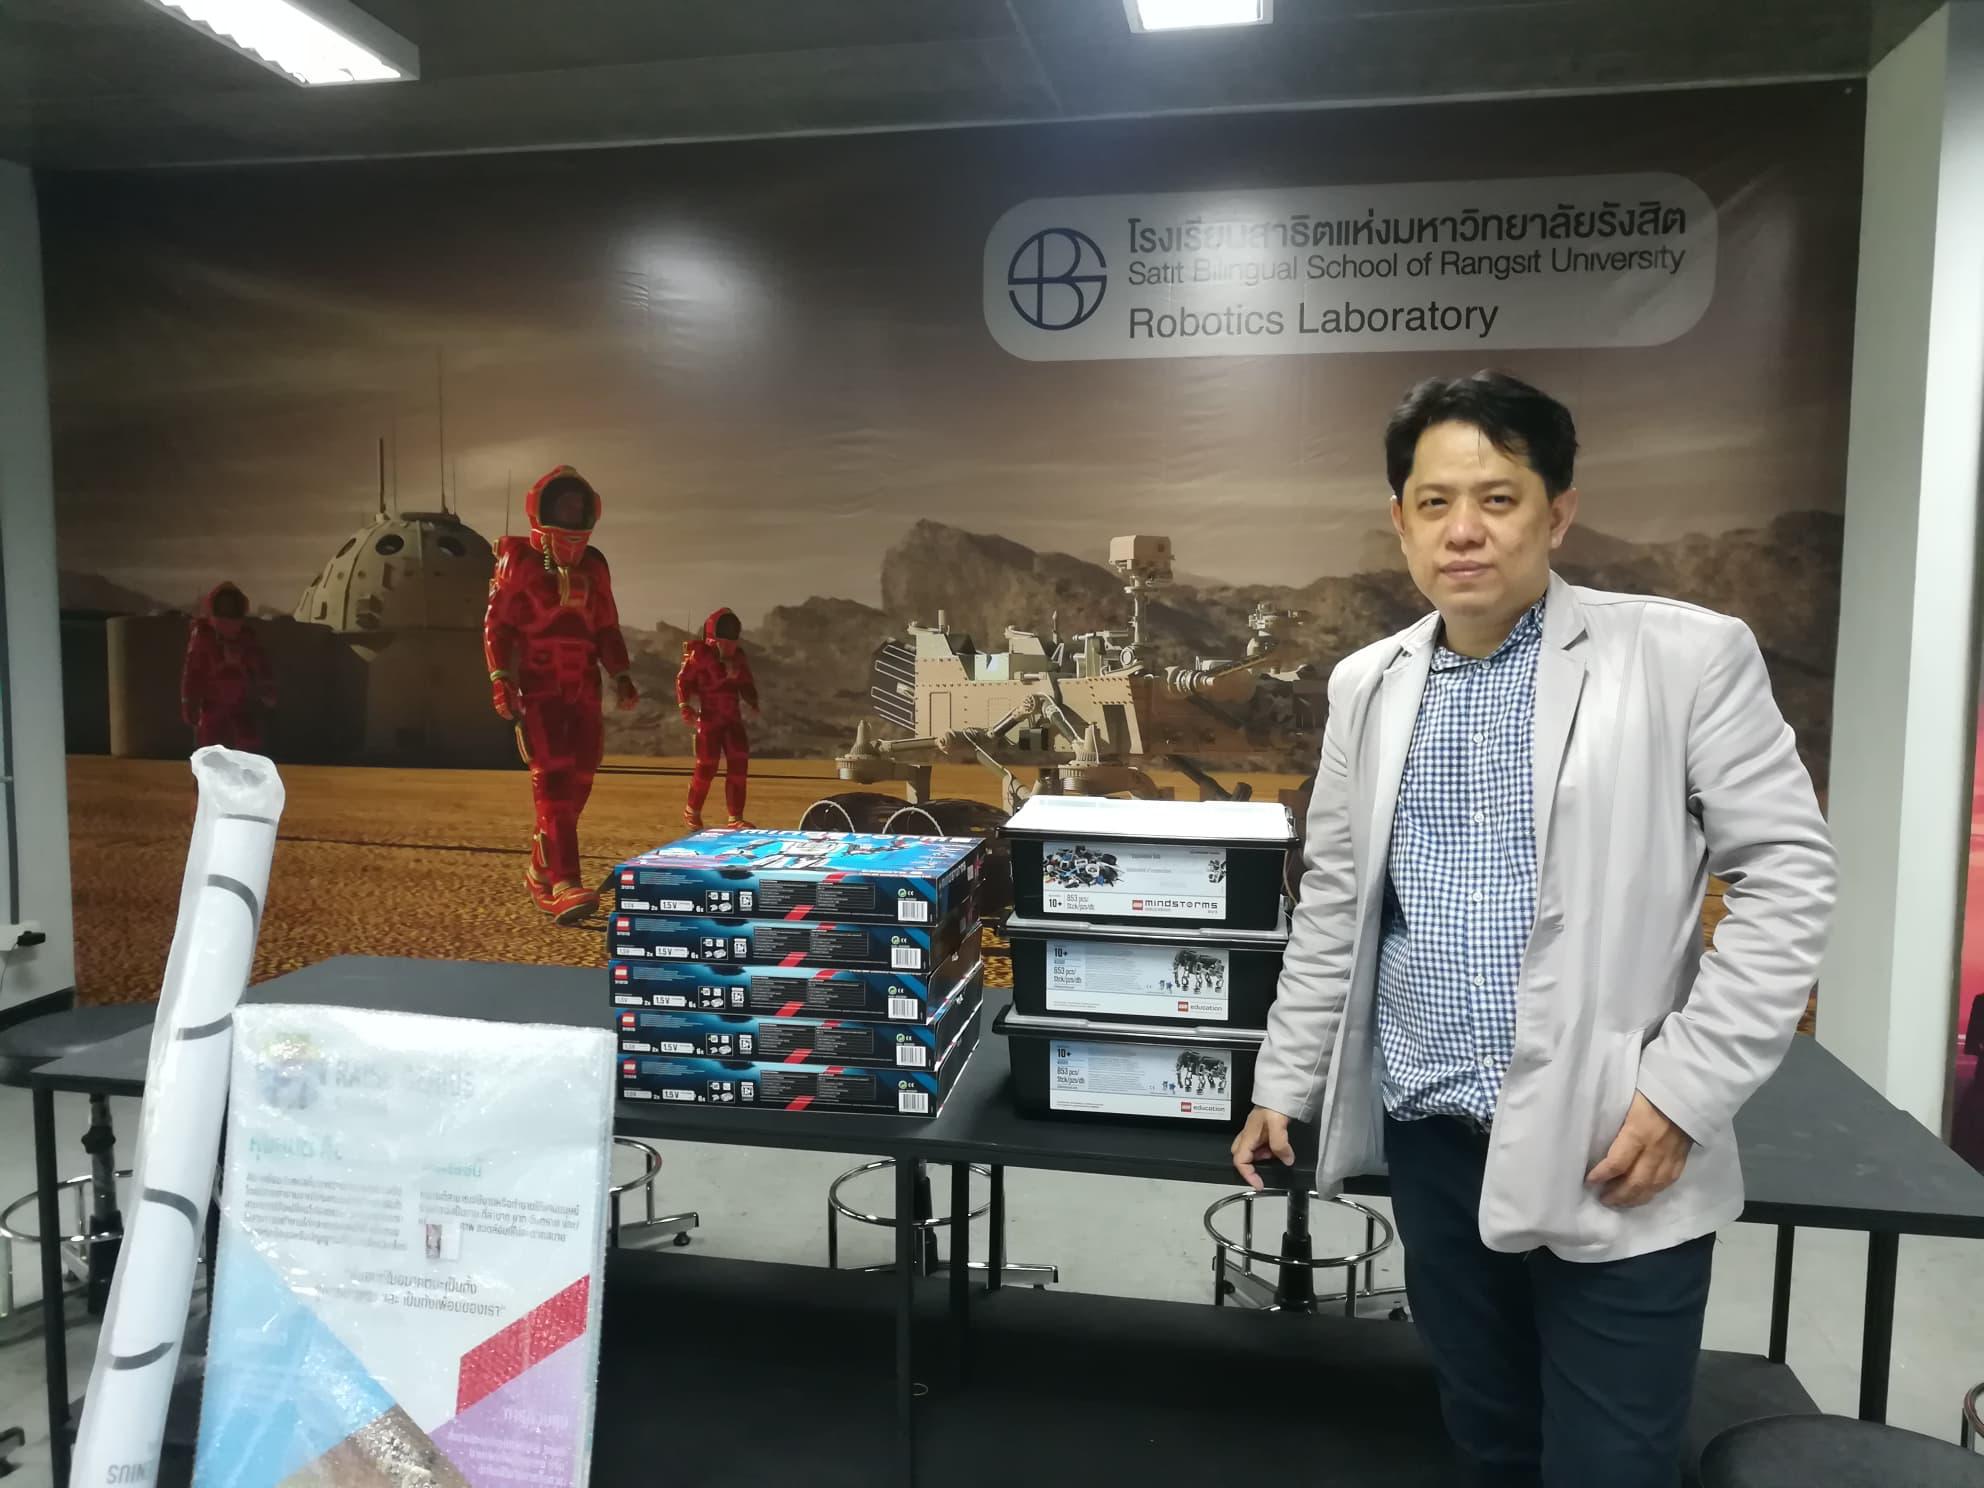 เรสจีเนียสสคูล จัดห้องเรียนหุ่นยนต์ (lego robot lab) ที่โรงเรียน สาธิตแห่งมหาวิทยาลัยรังสิต Satit Bilingual School of Rangsit University